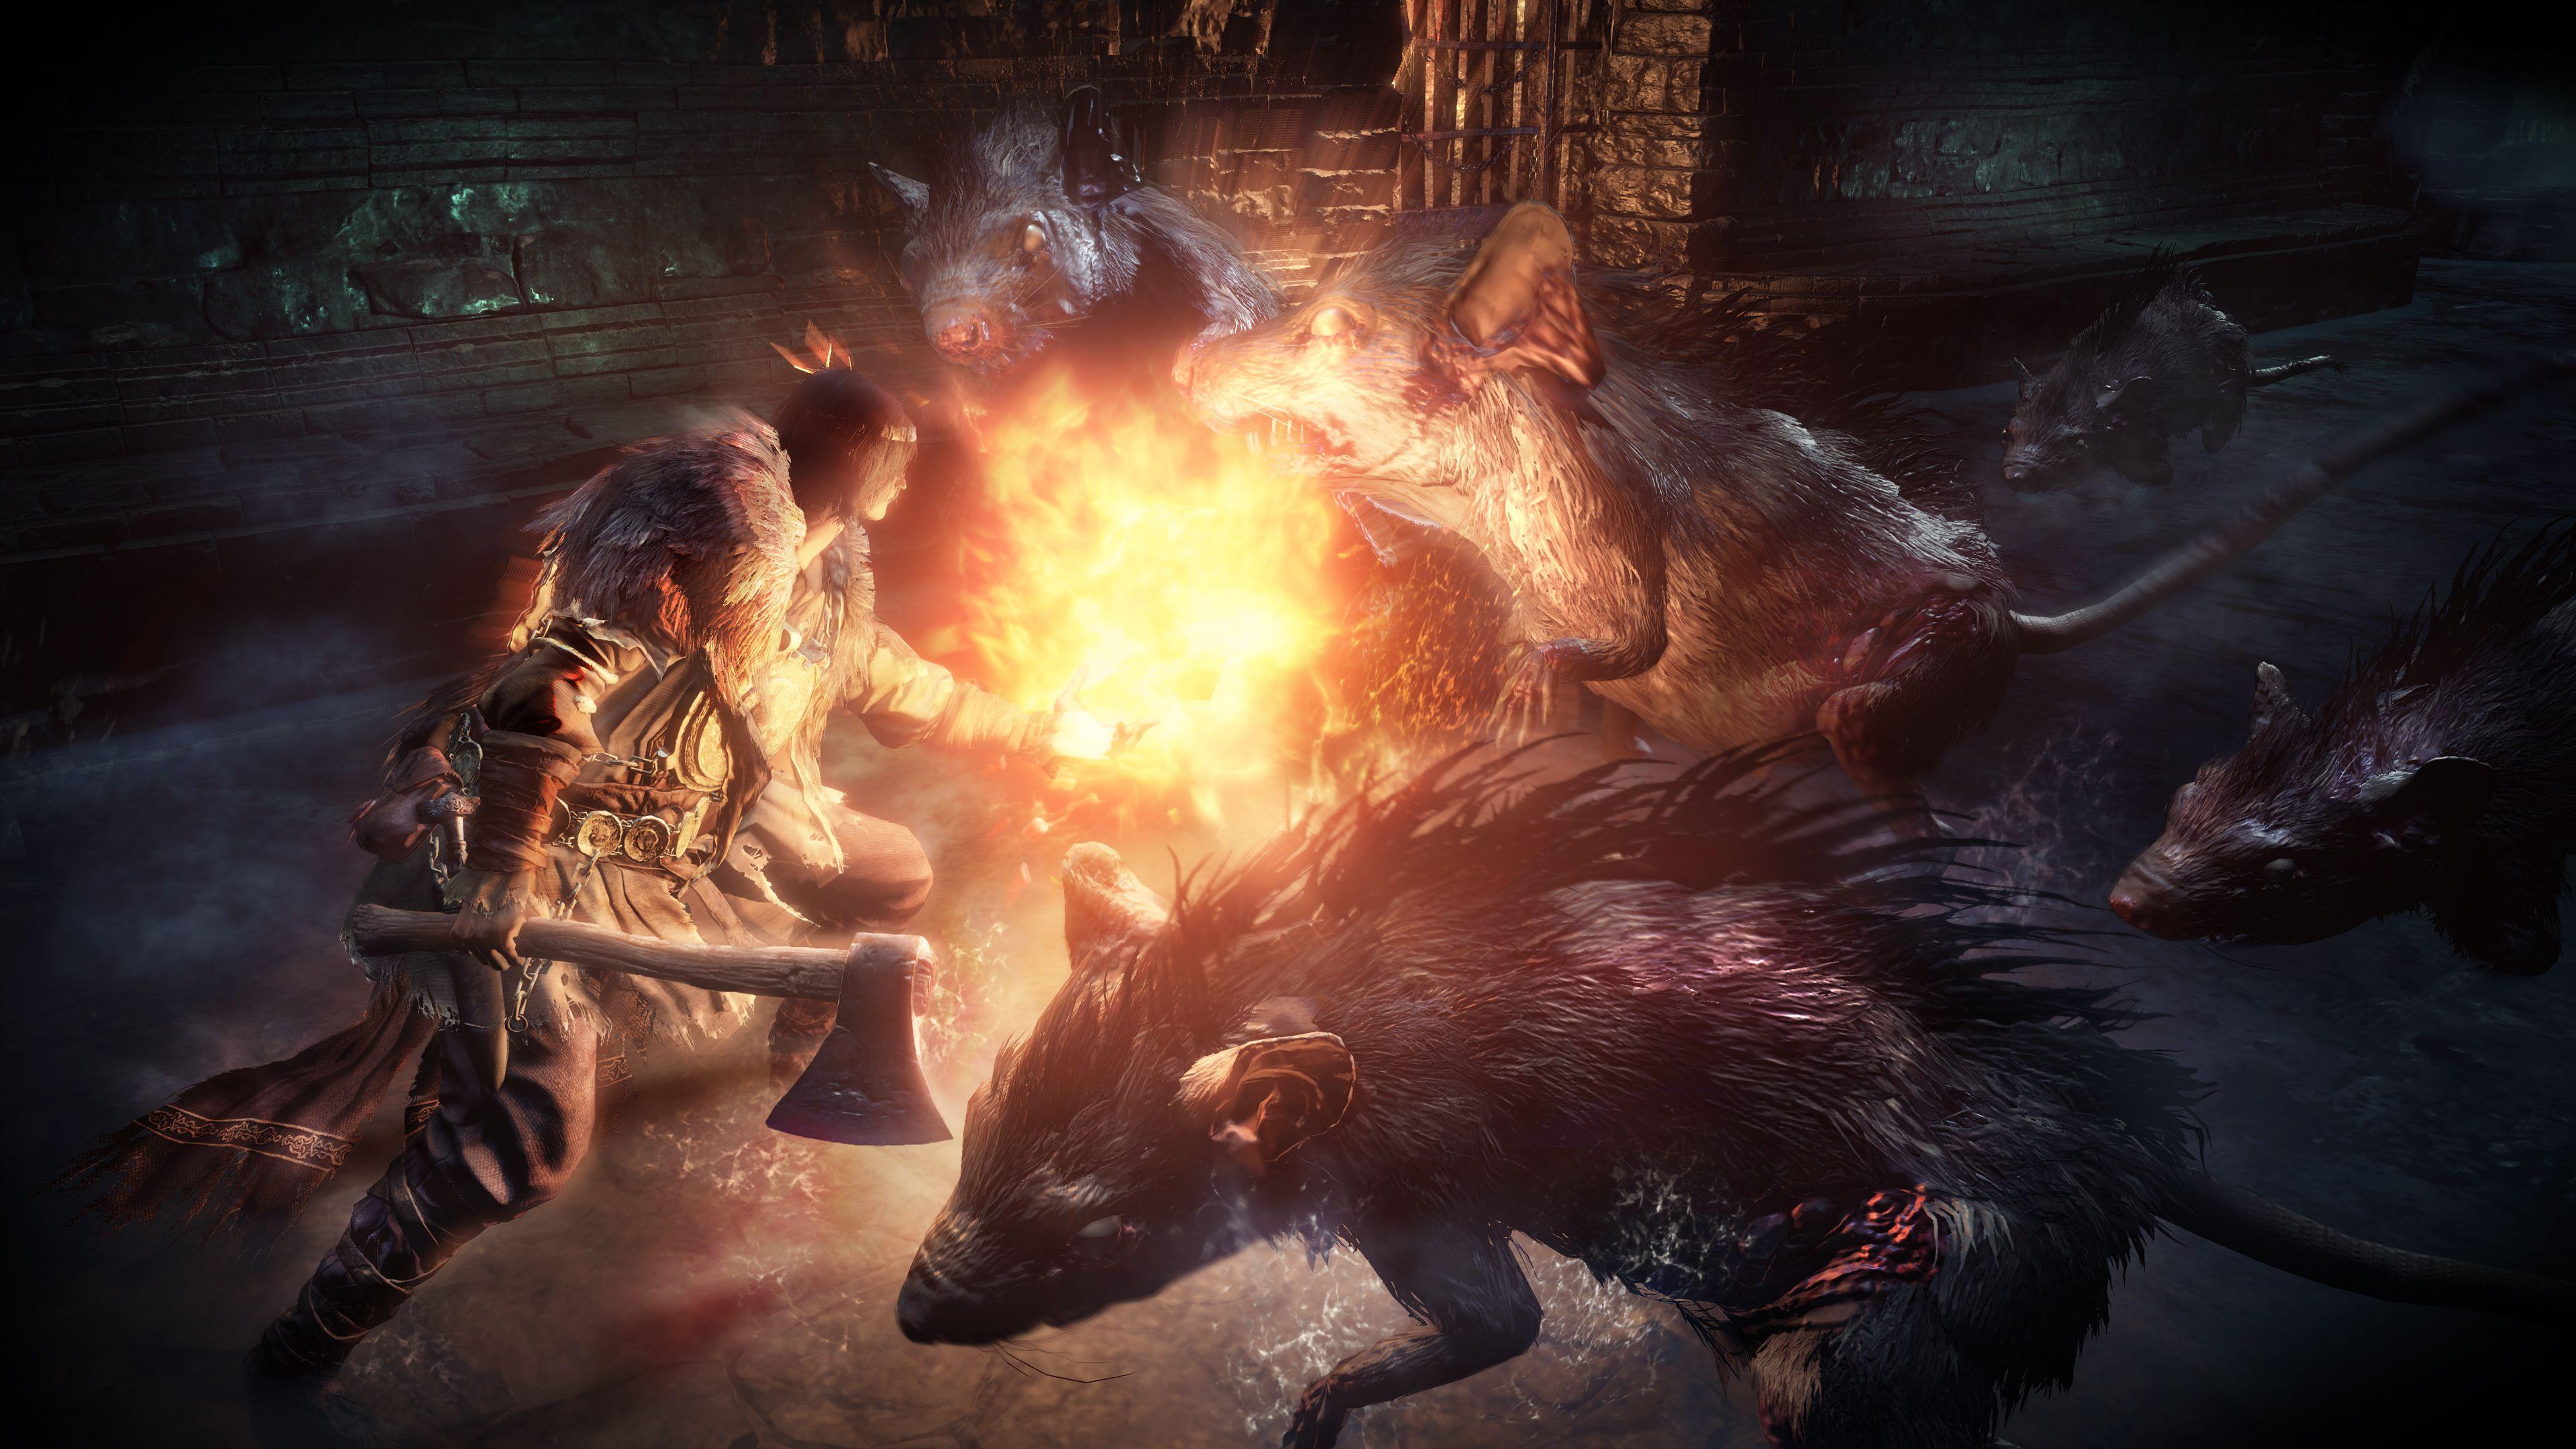 Новые скриншоты Dark Souls 3 - Изображение 3